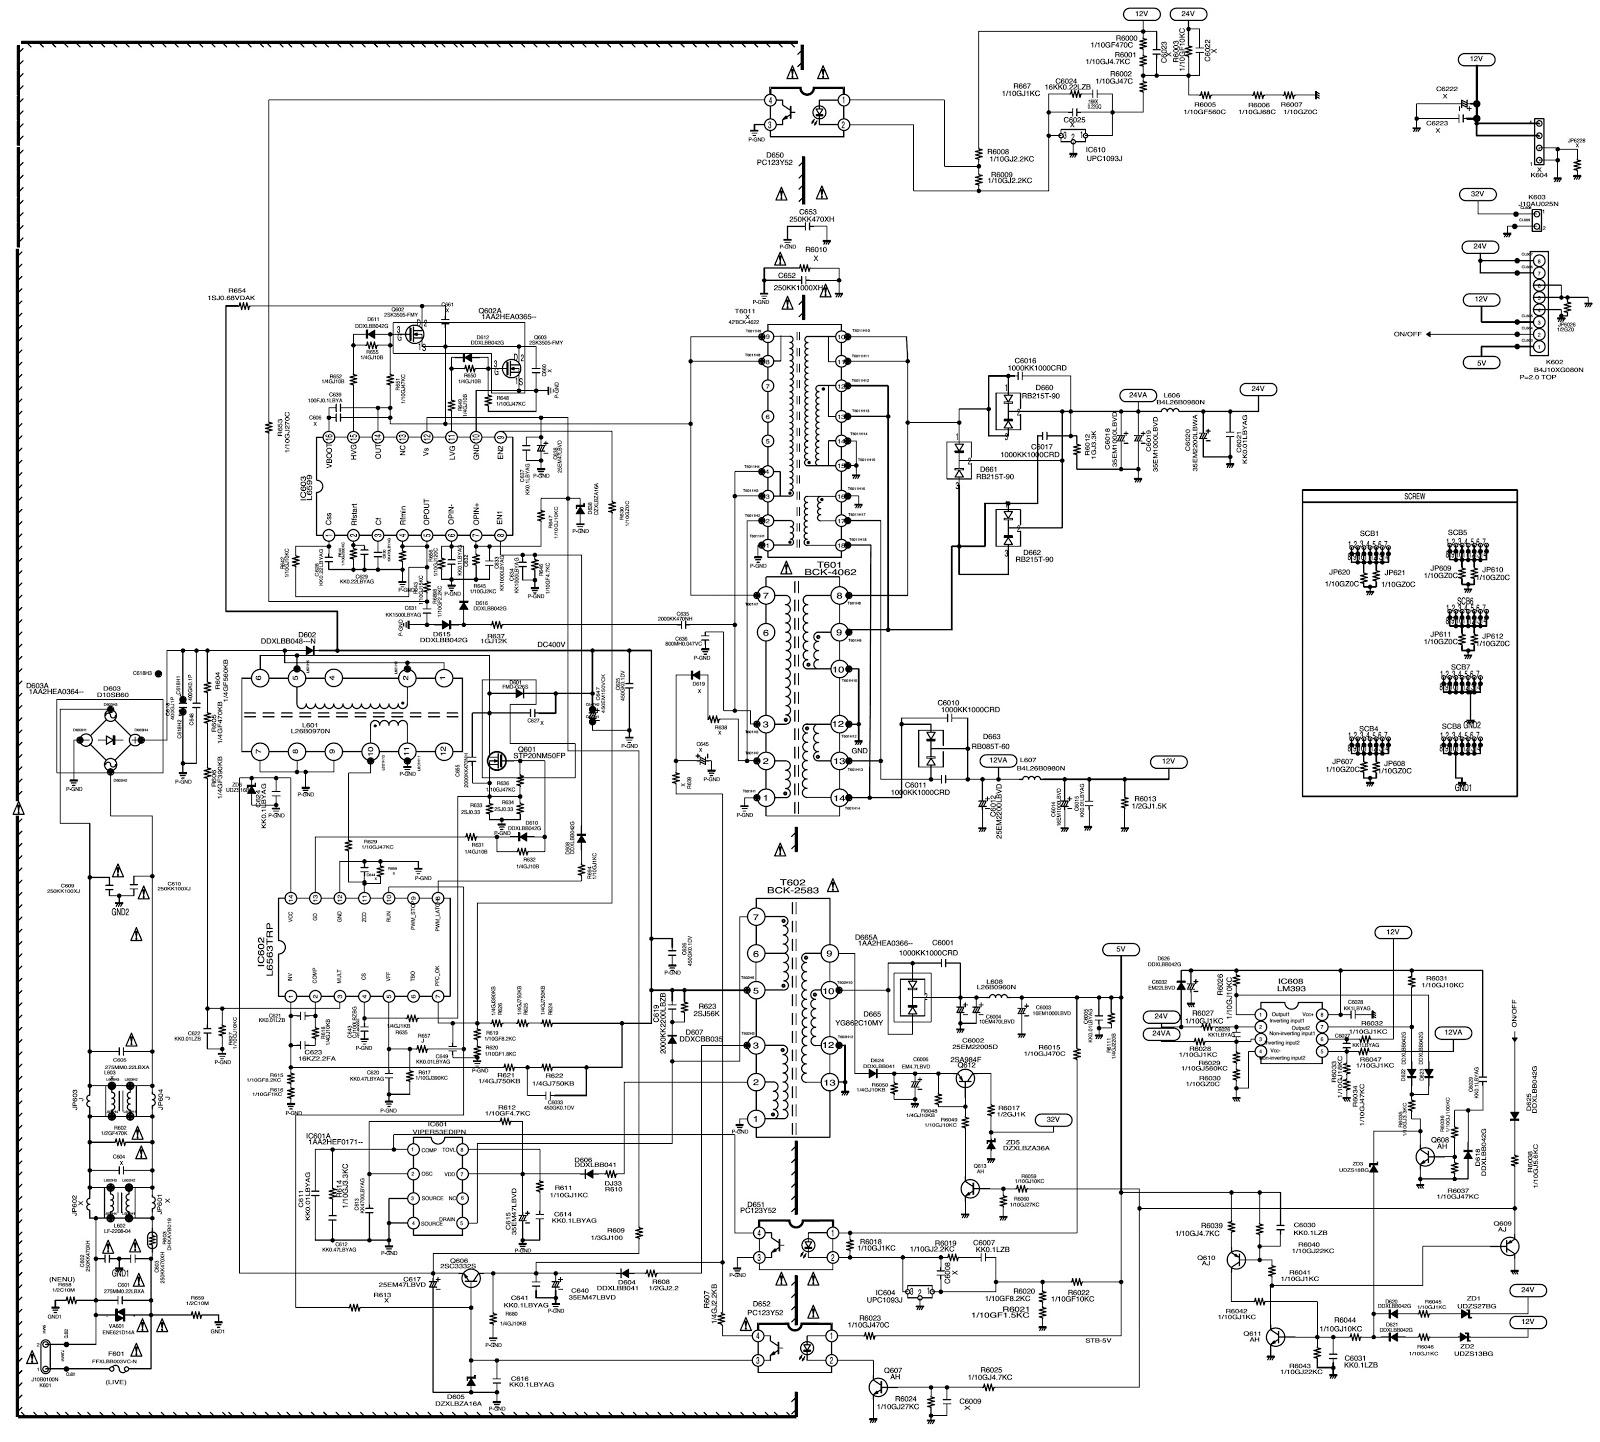 Sanyo Tv Circuit Diagram